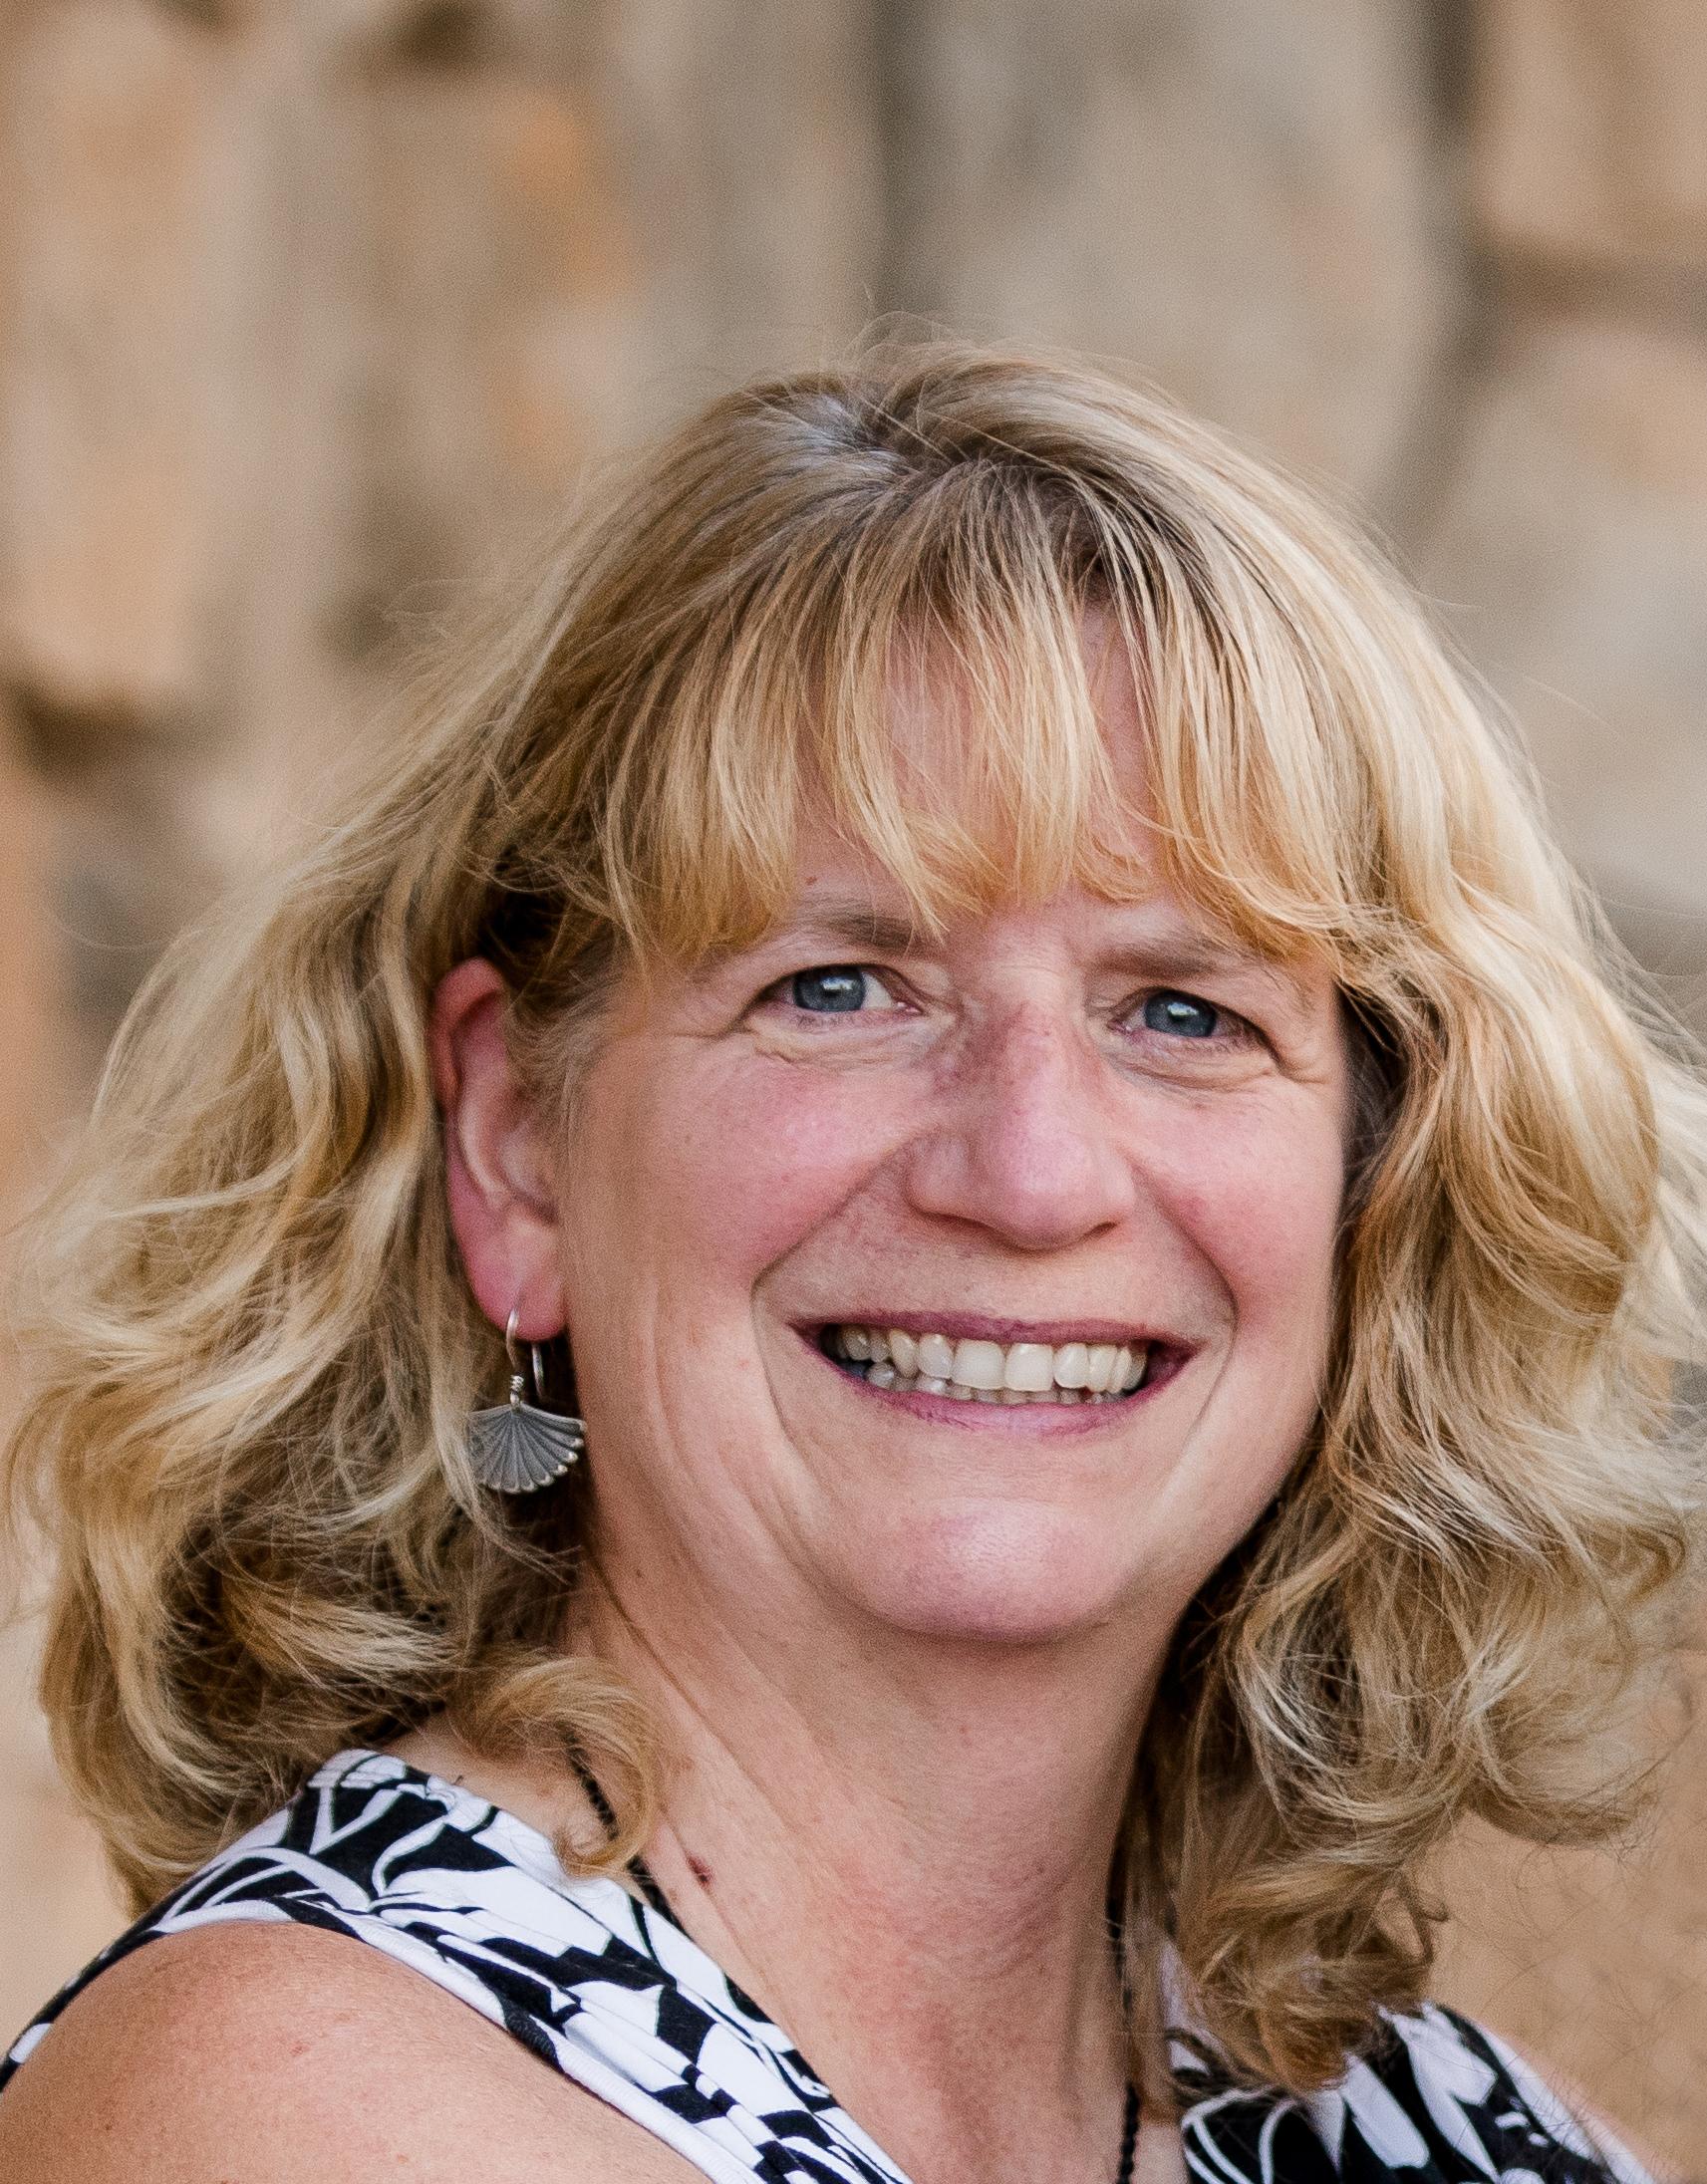 Lori Bailey